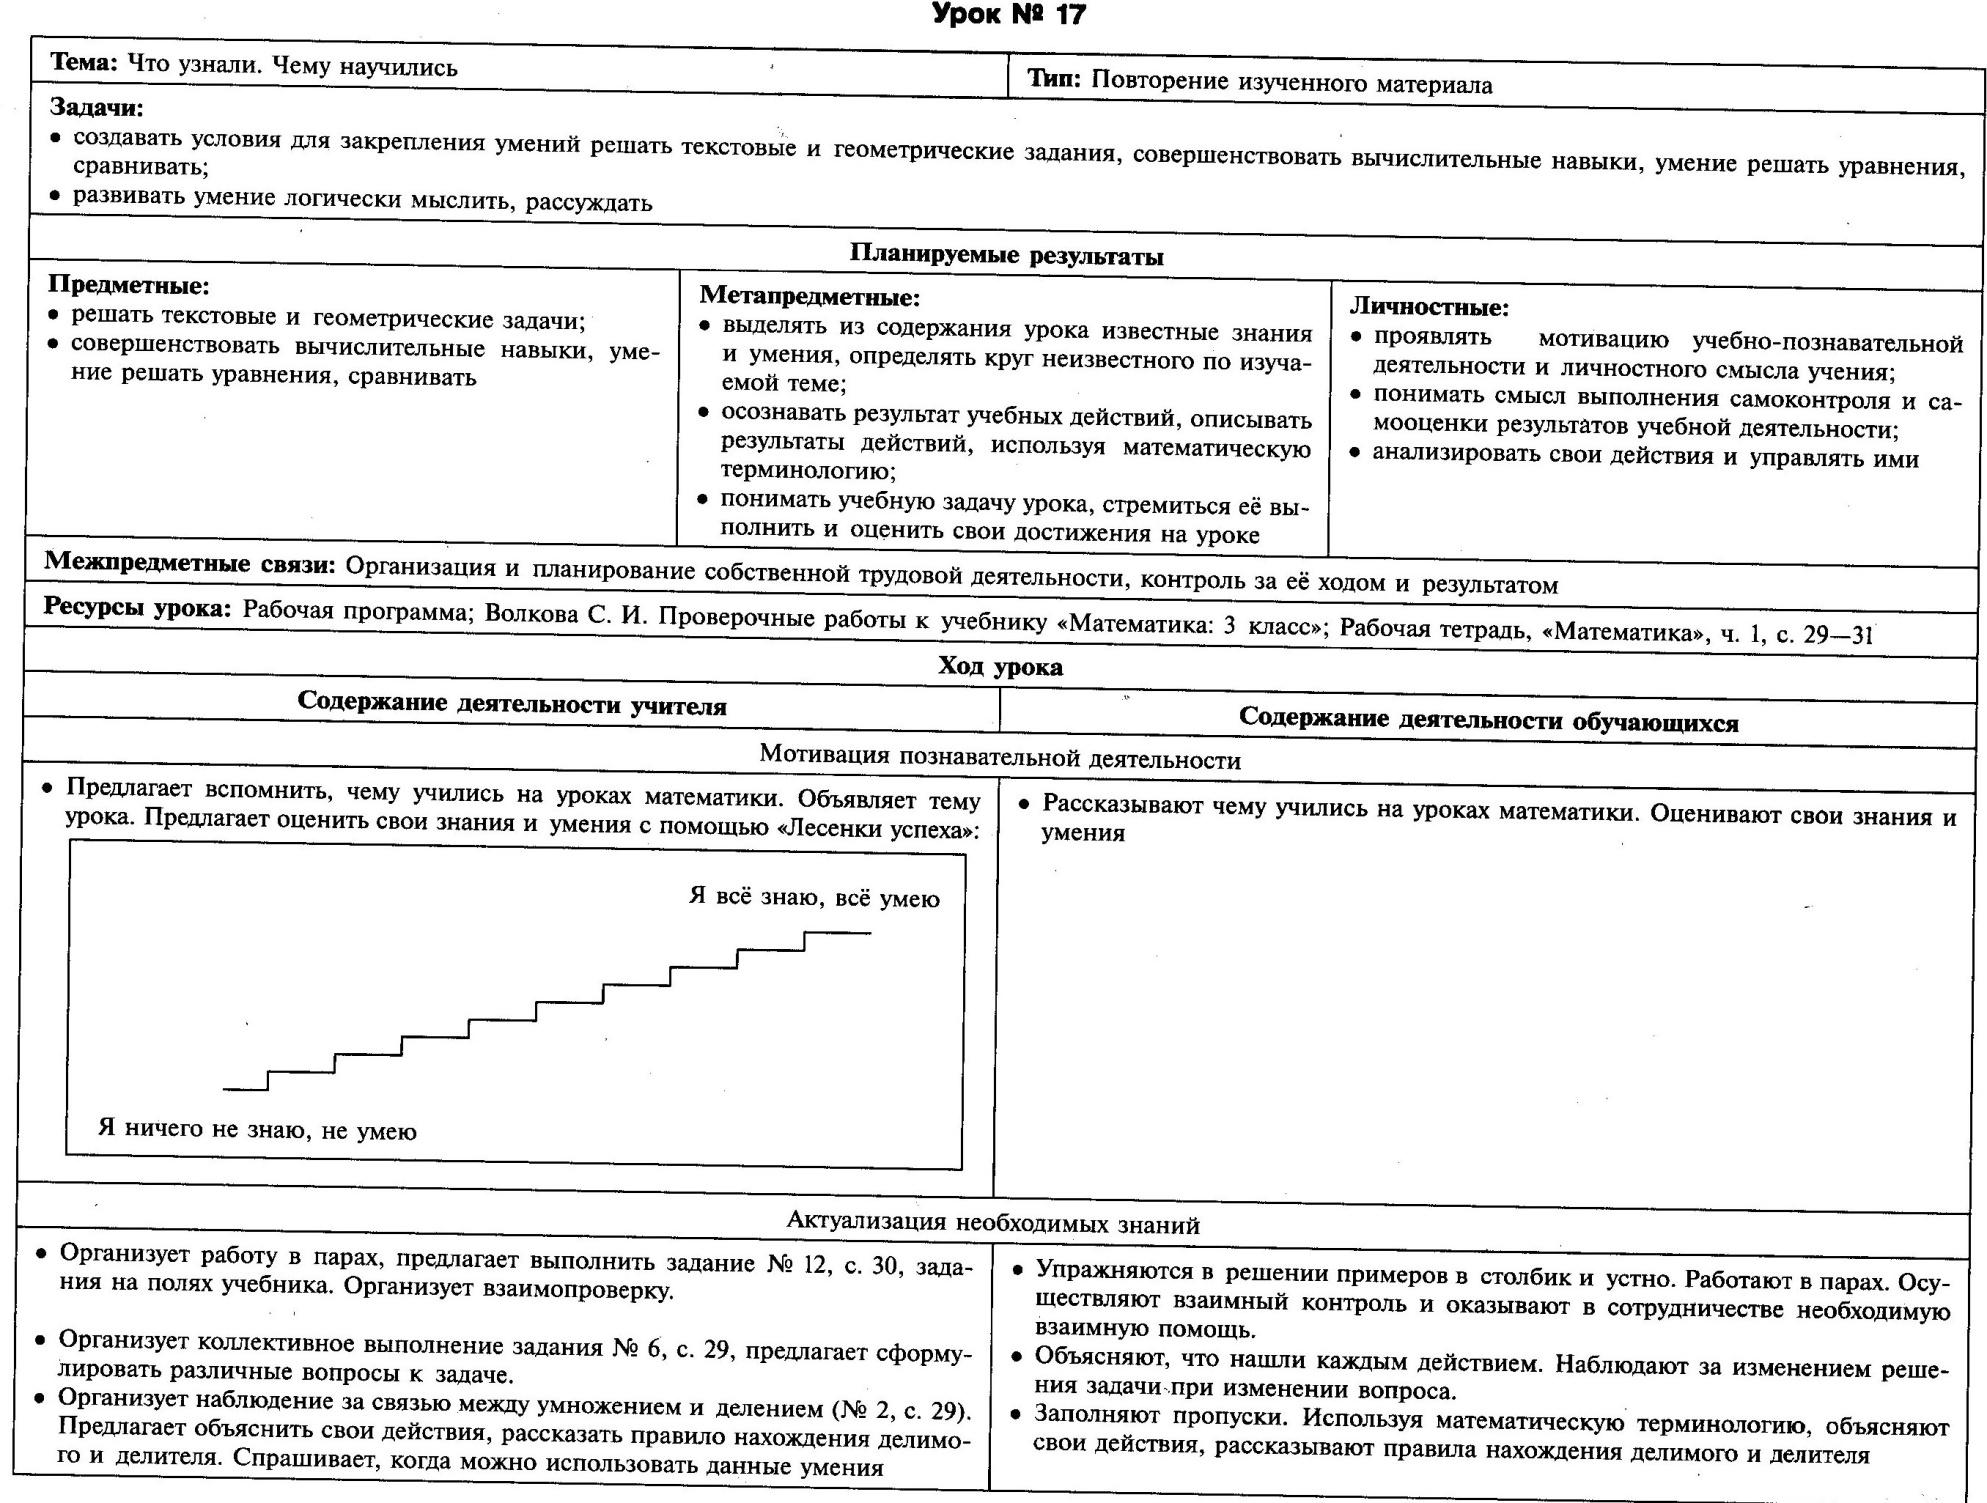 C:\Documents and Settings\Admin\Мои документы\Мои рисунки\1277.jpg